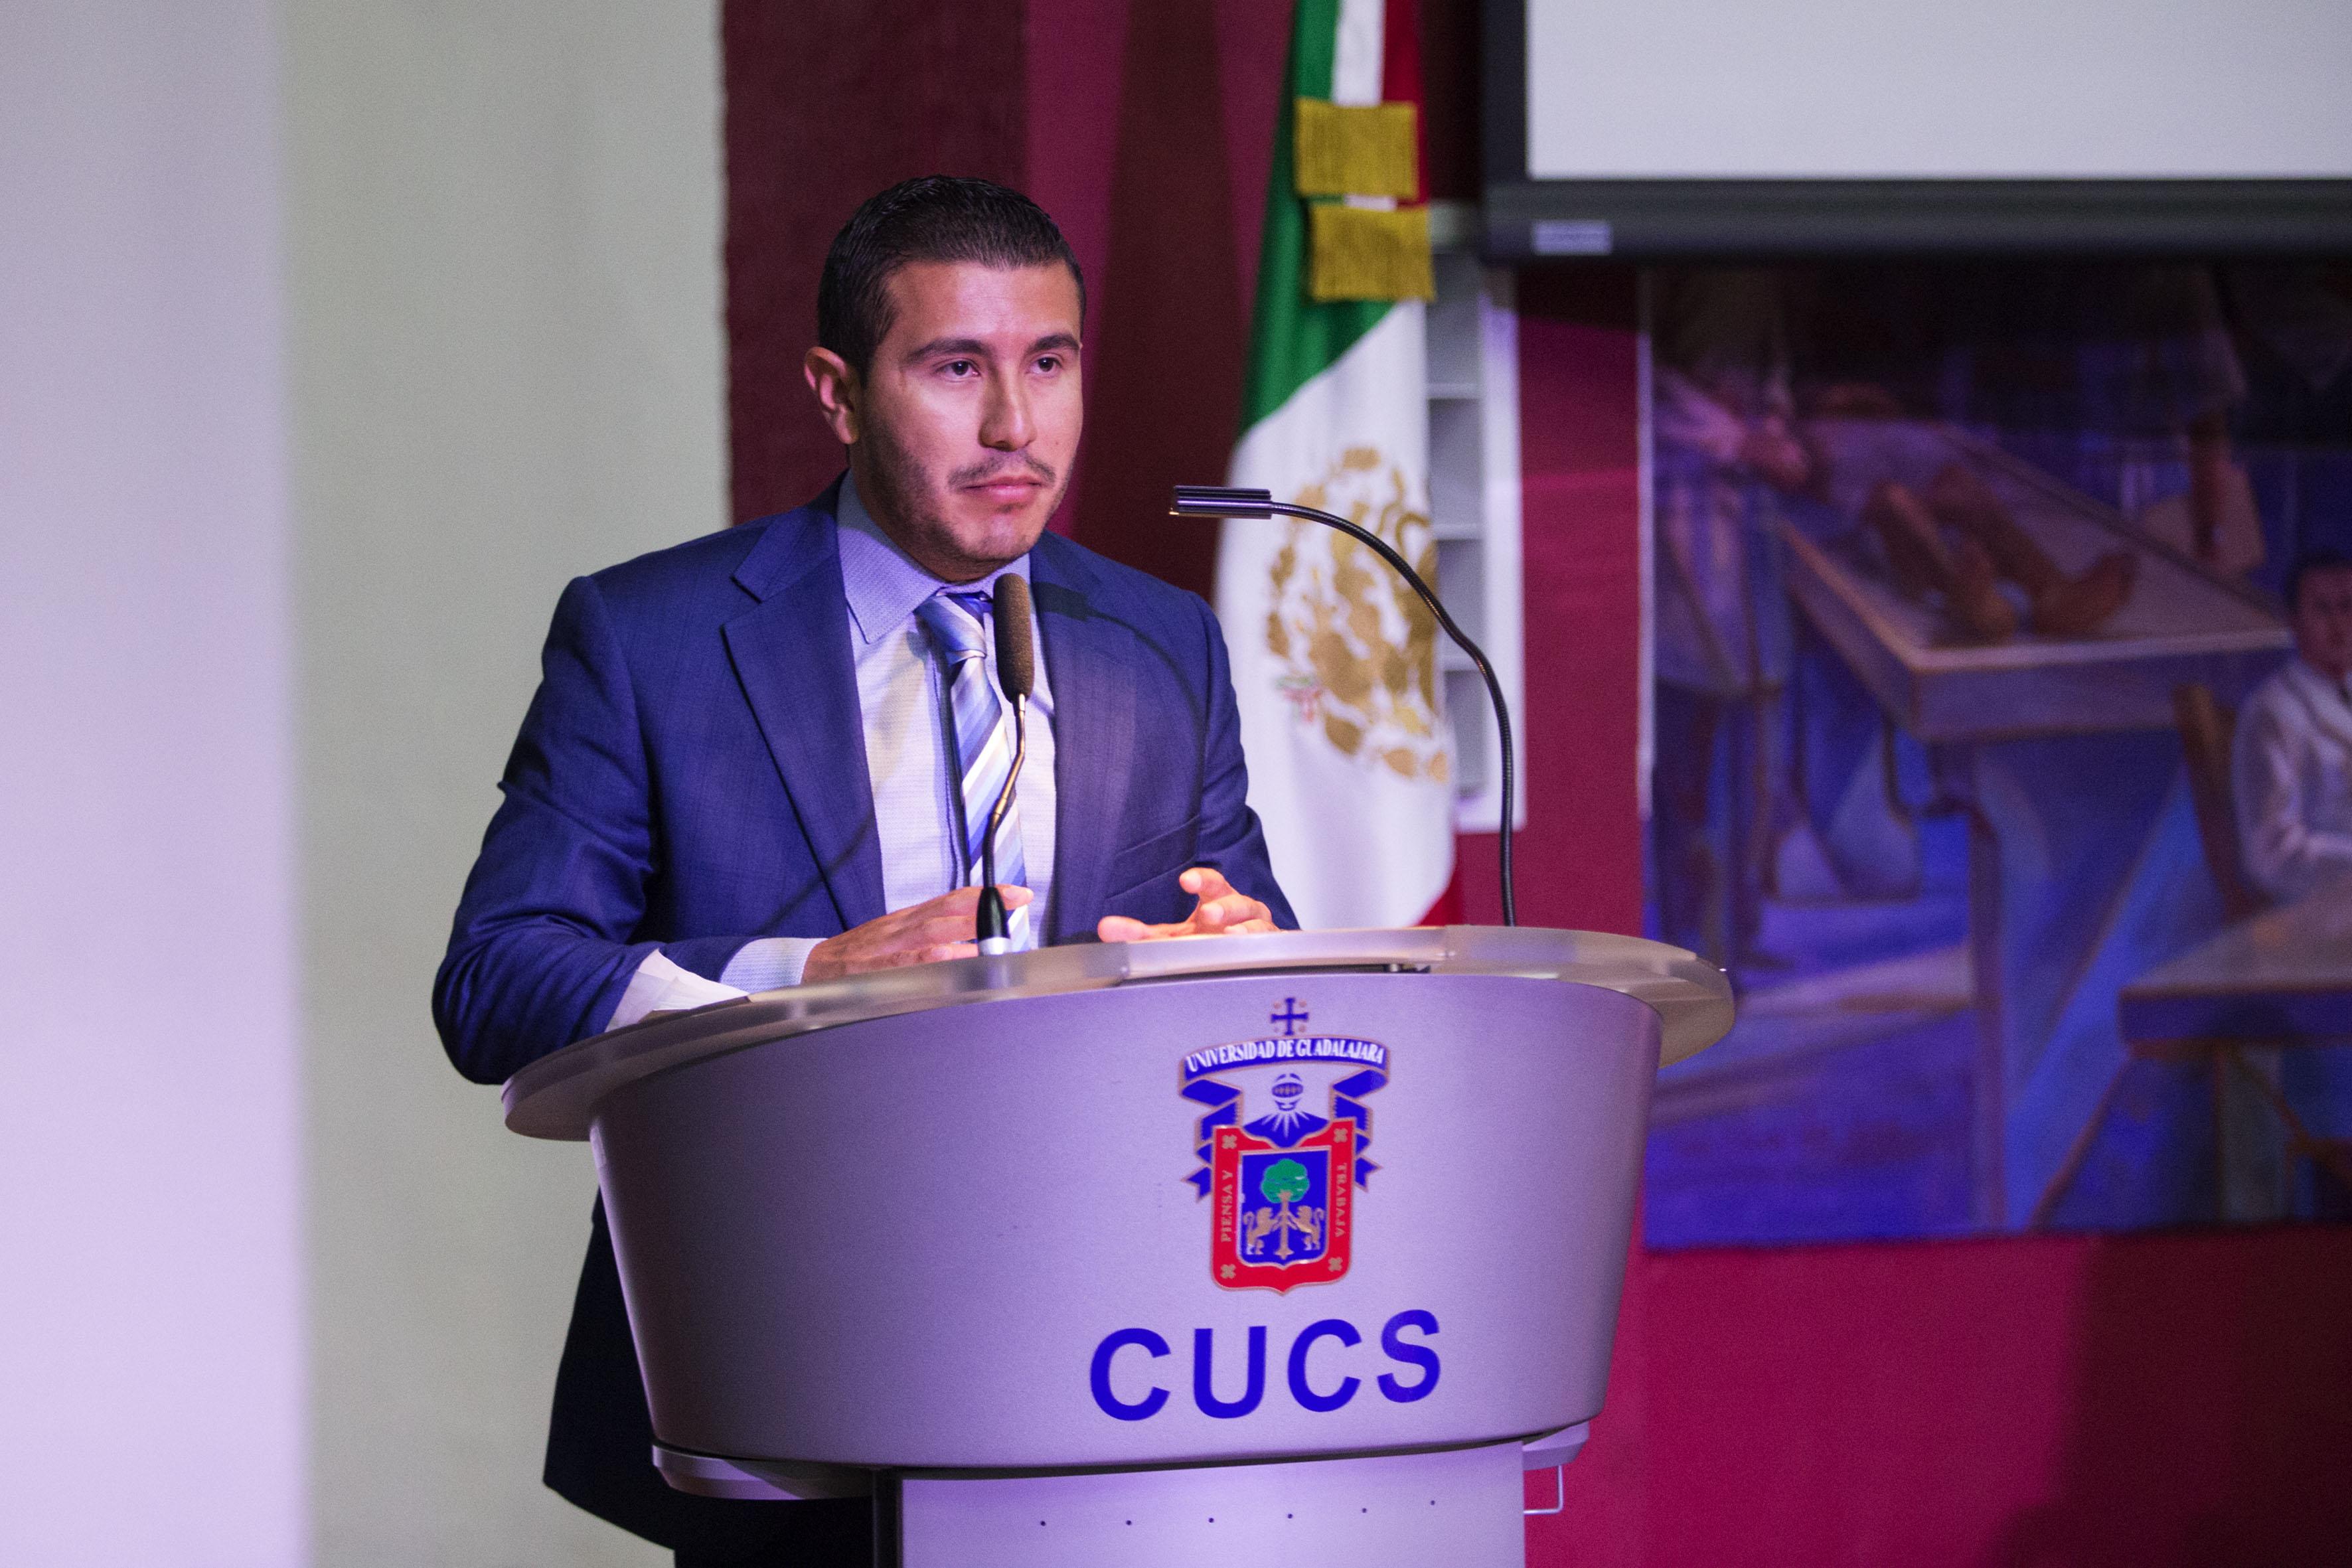 Coordinador de la licenciatura en Cultura Física y Deportes, licenciado Anthony Gabriel Alonso García; haciendo uso de la palabra, en podium del evento.